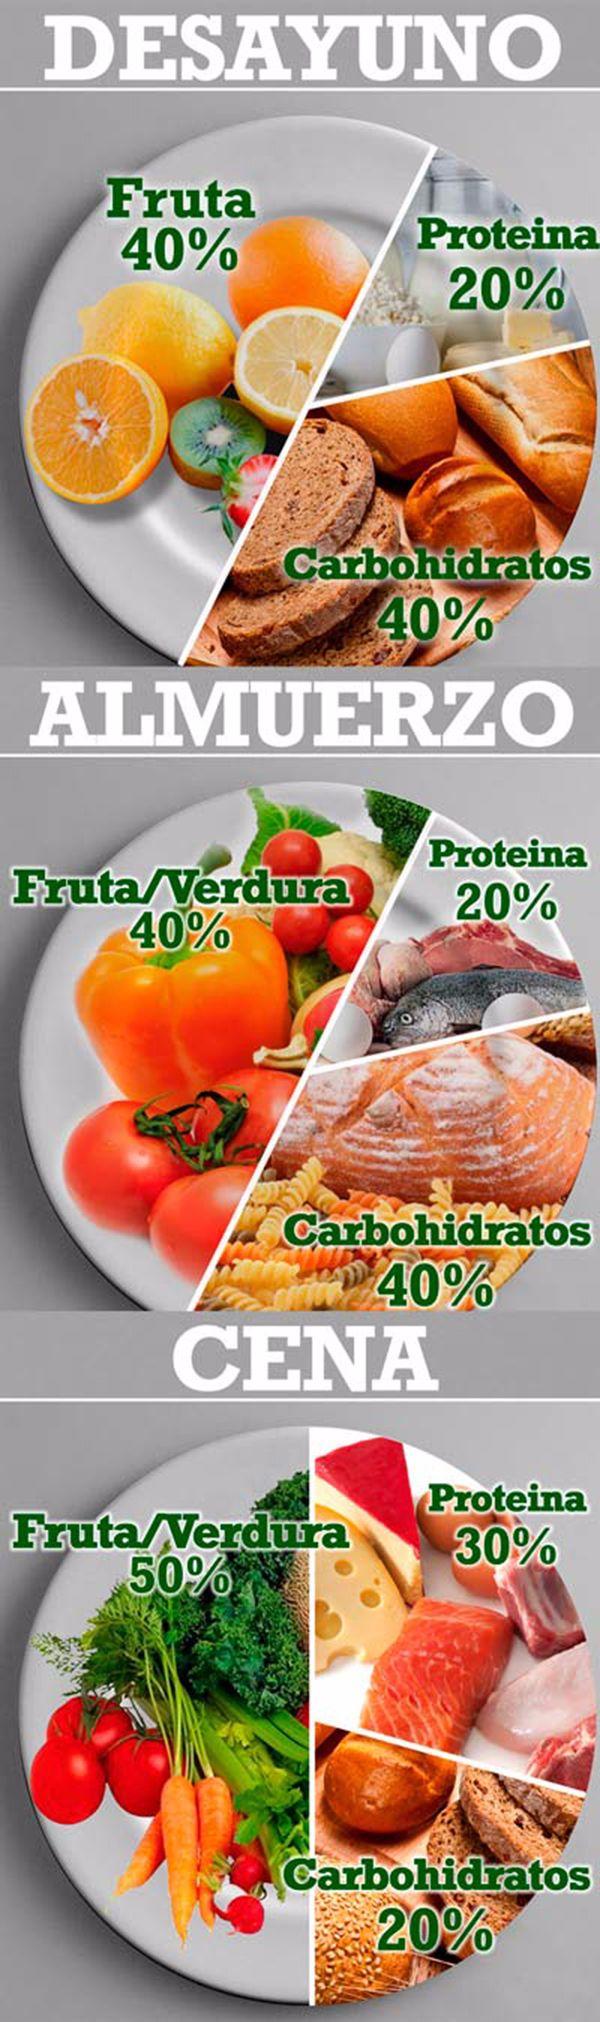 La dieta saludable en porcentajes desayuno comida y cena - Ideas cenas saludables ...